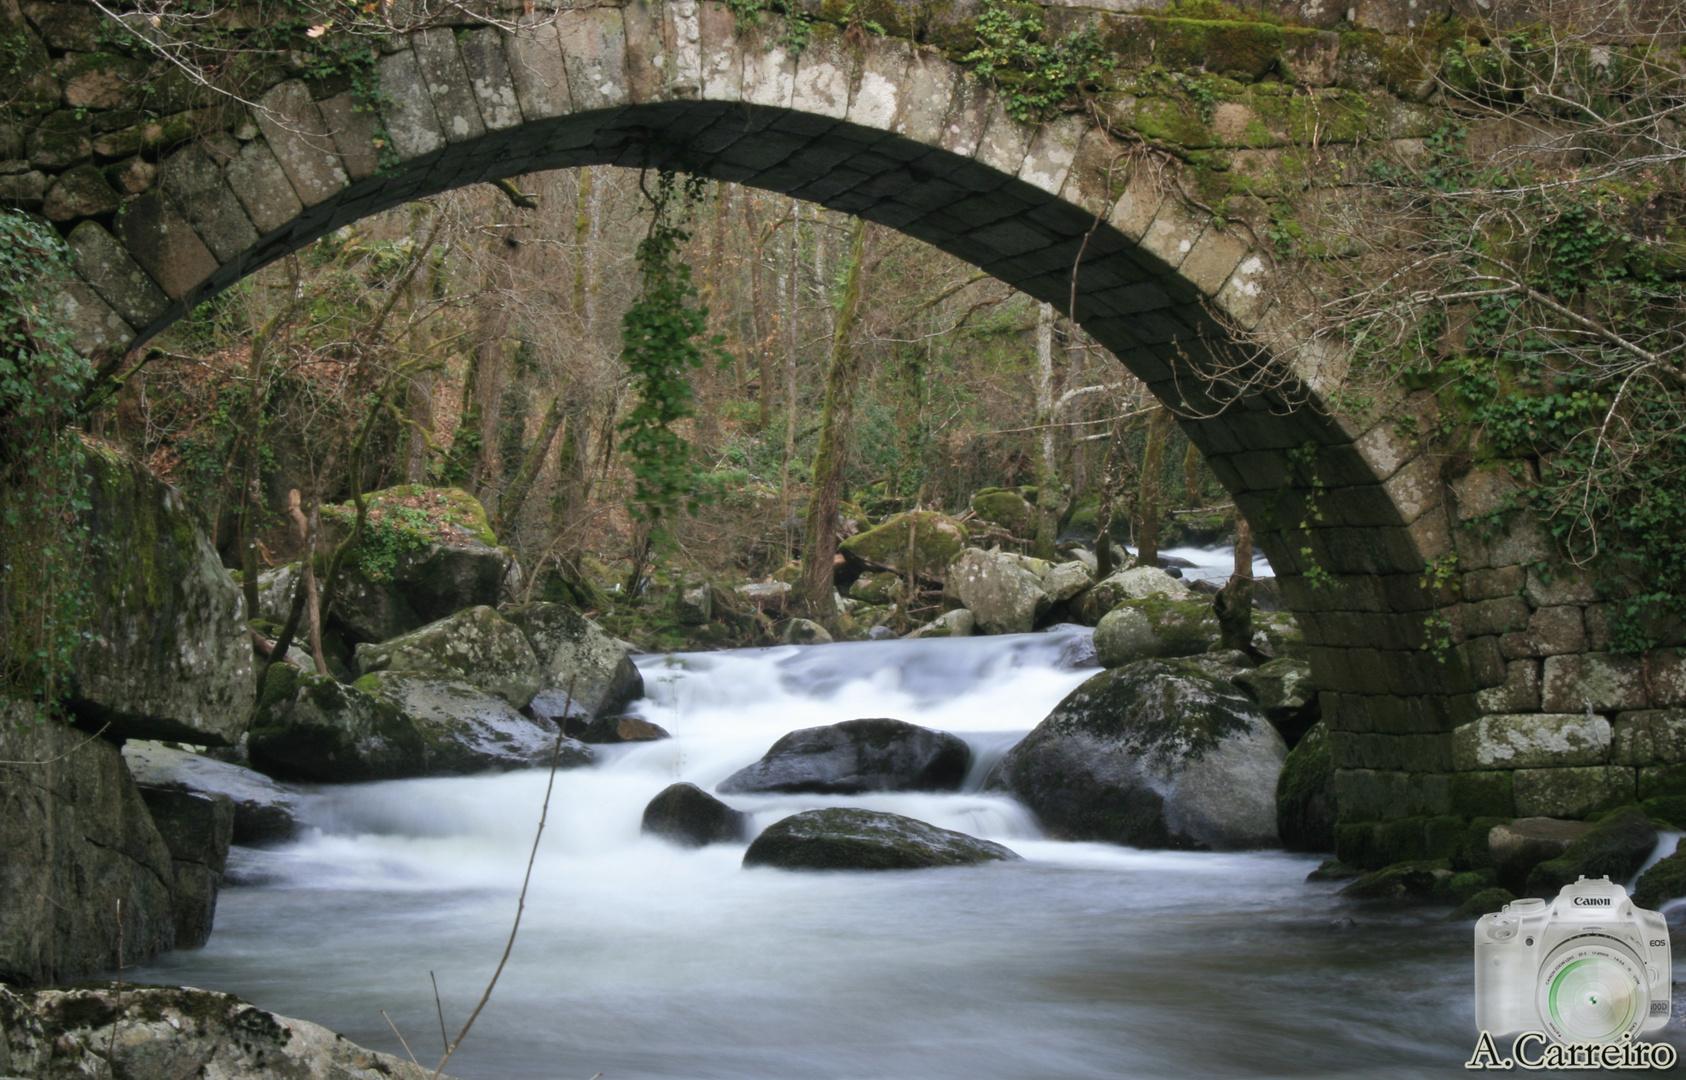 Ponte Romana Pazos de Arenteiro.